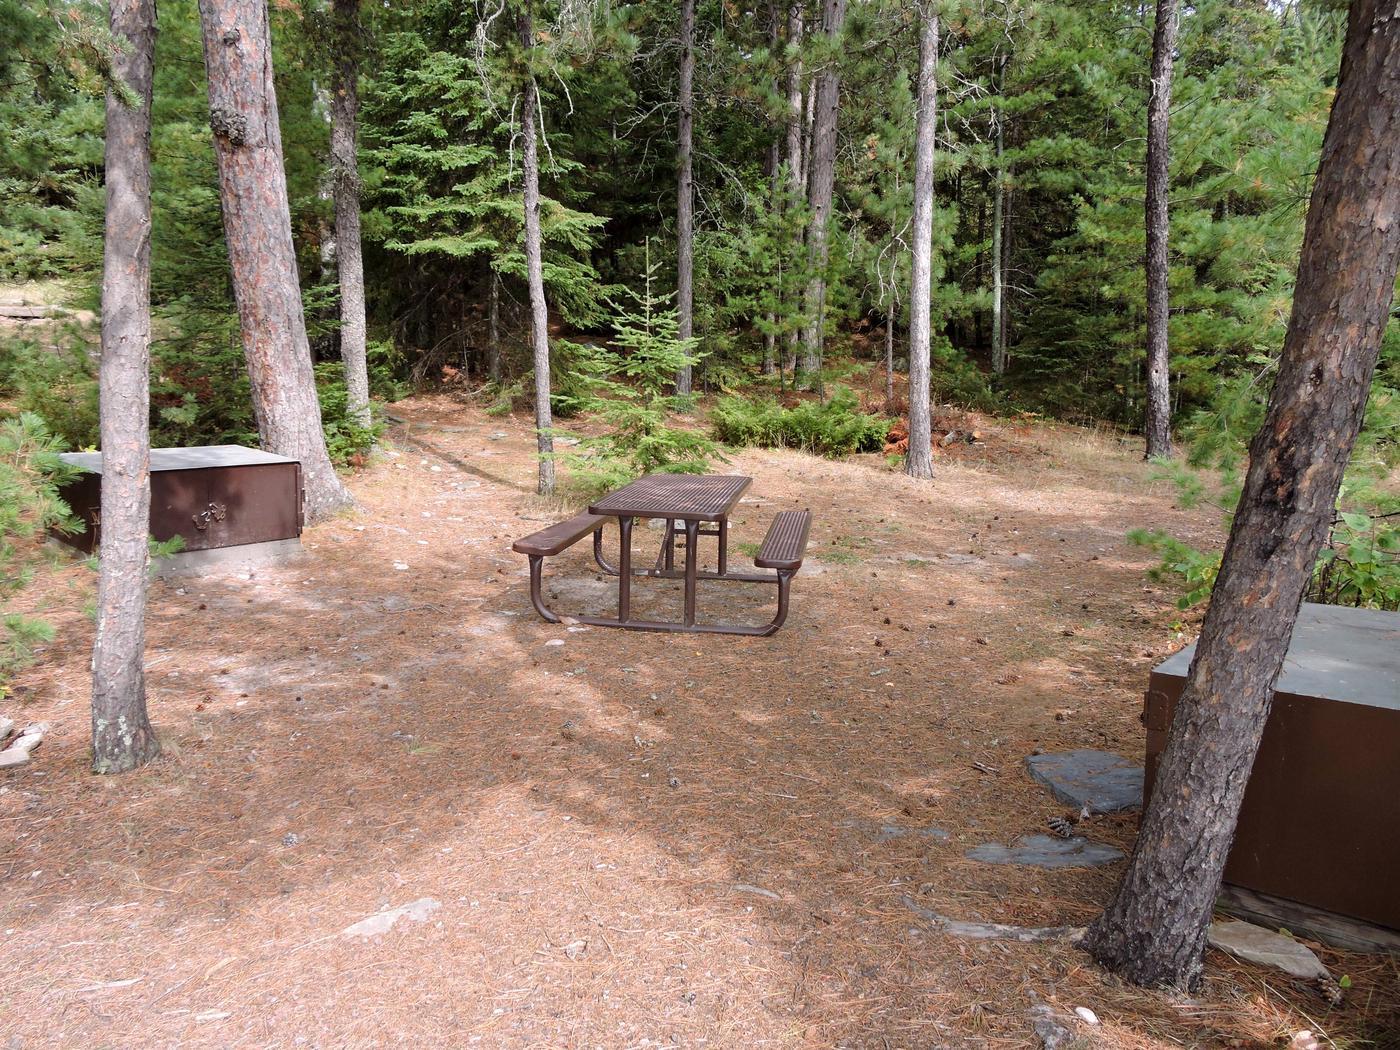 R64 - Mio BeachView of campsite